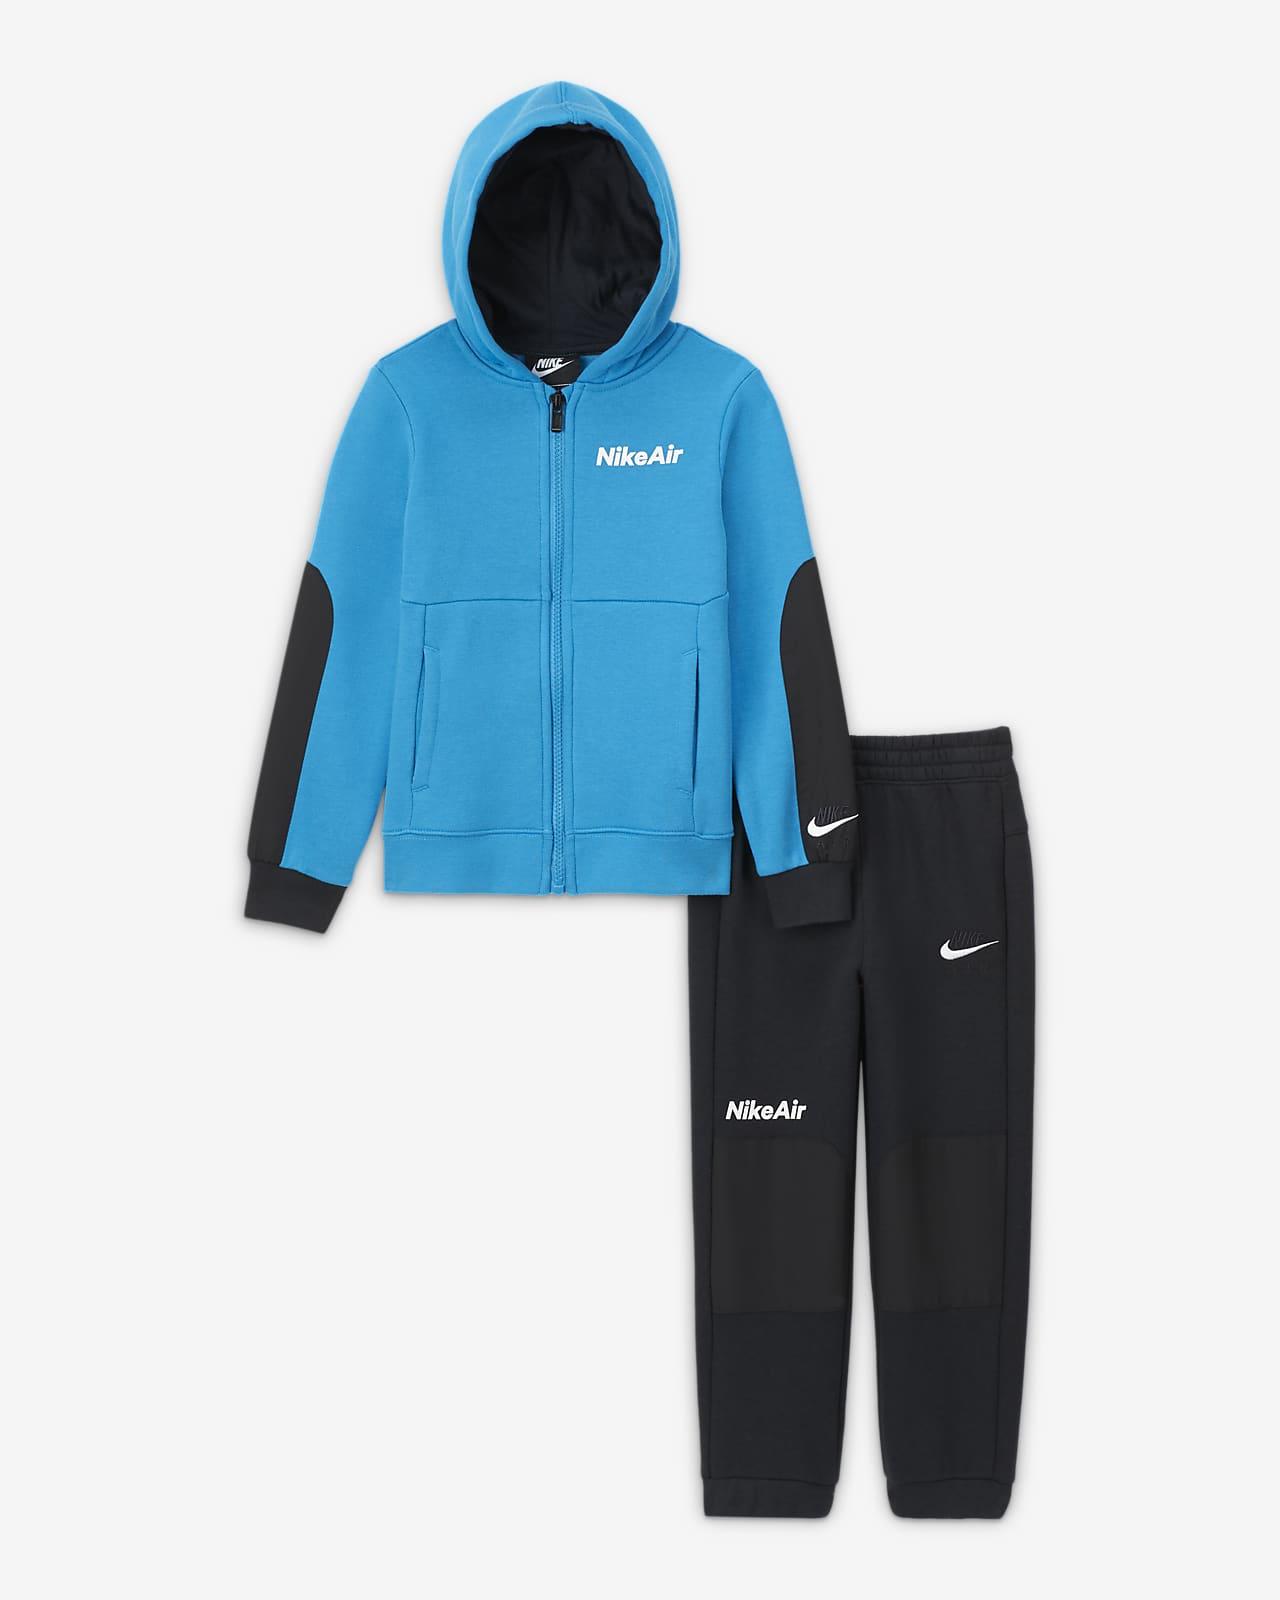 Nike Air Conjunto de pantalón y sudadera con capucha y cremallera - Infantil